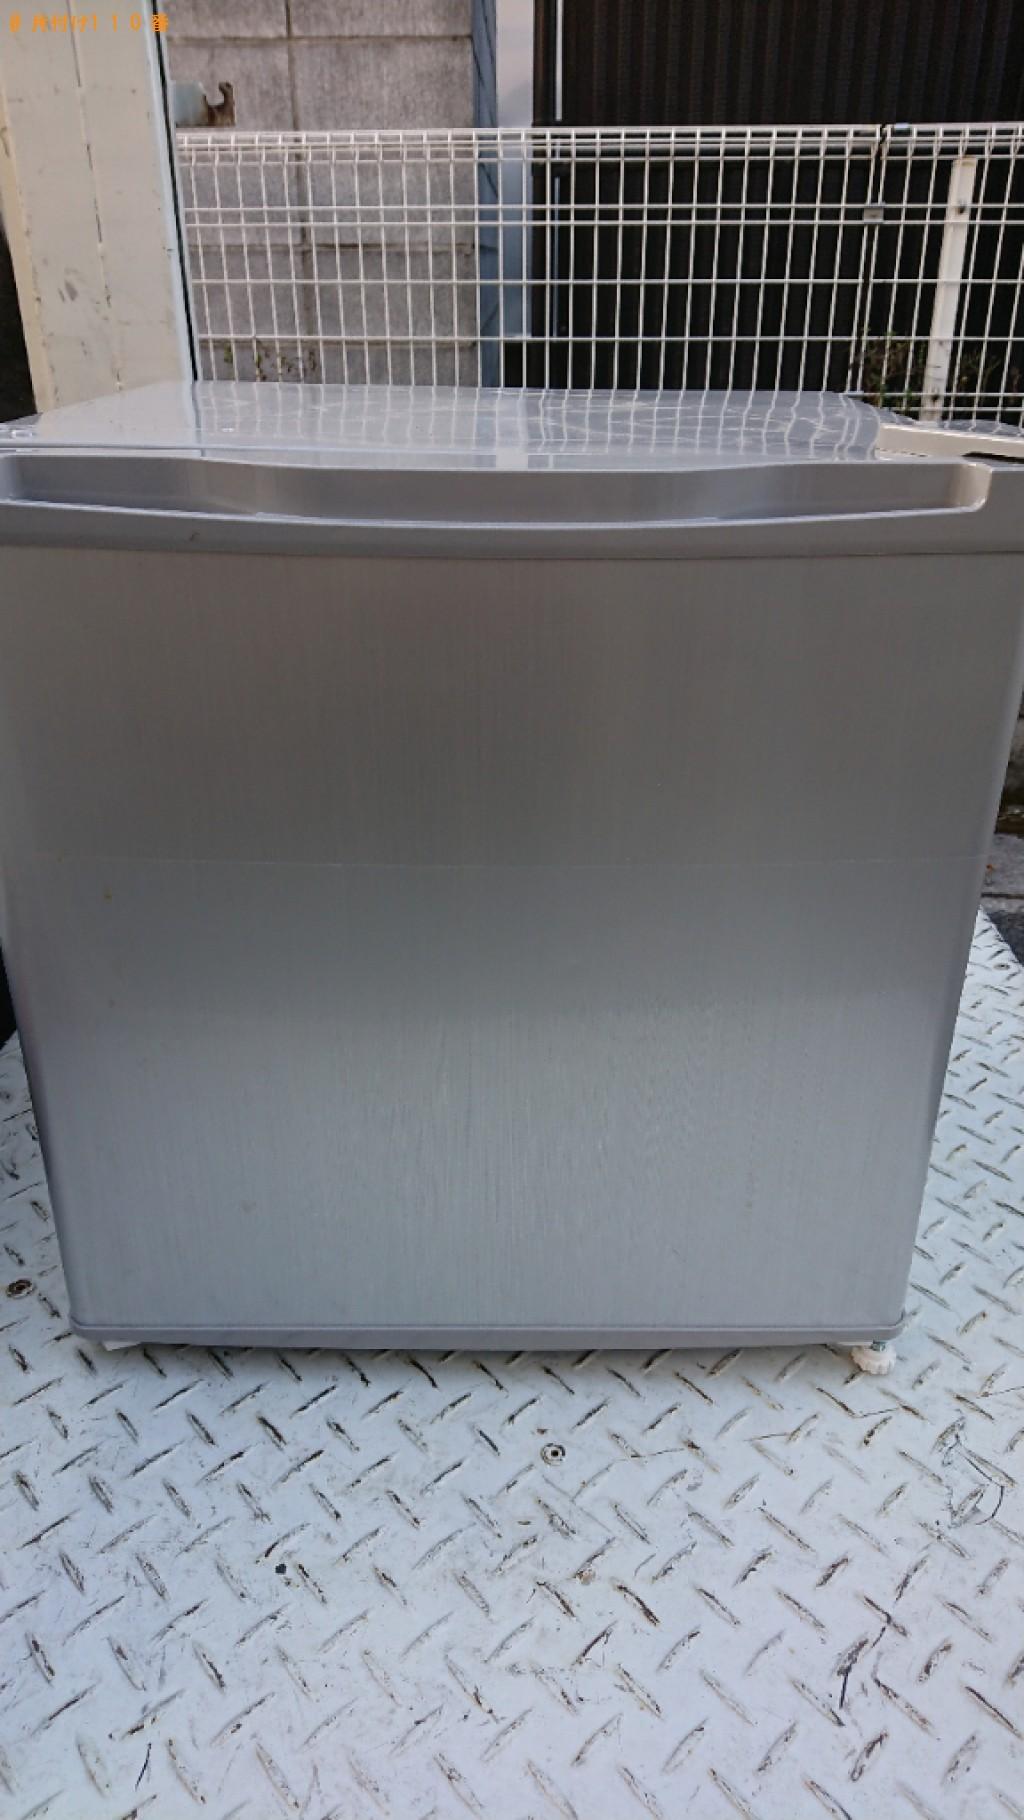 【さいたま市北区】冷蔵庫の回収・処分ご依頼 お客様の声